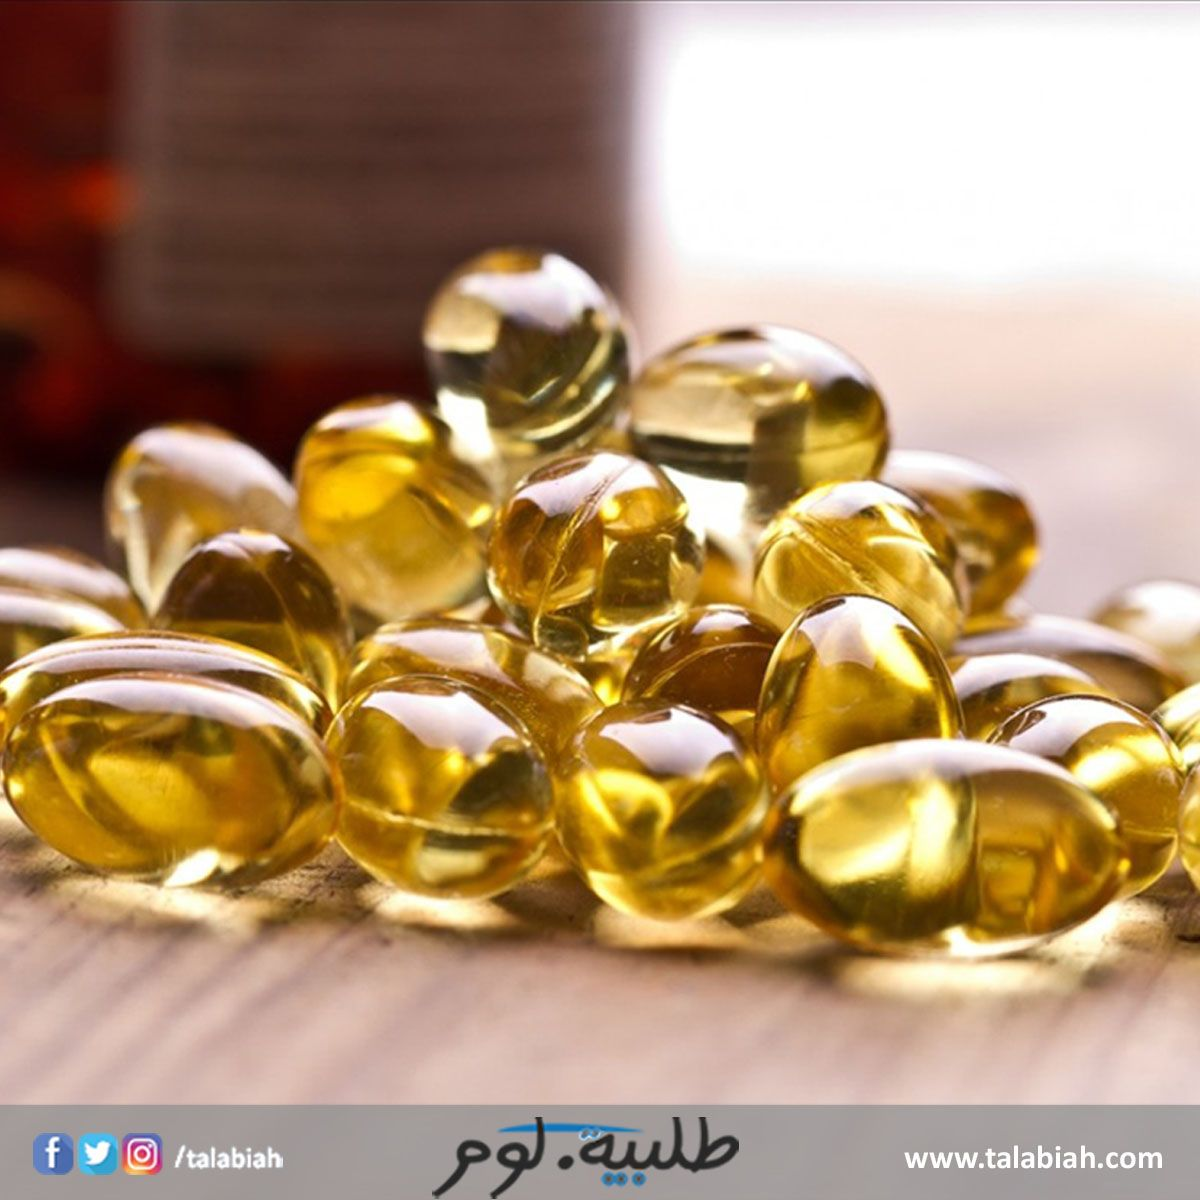 يساعد زيت السمك الذي يحتوي على حمض أوميجا 3 على مقاومة السرطان بأنواعه المختلفة وسرطان الثدي بشكل خاص Fish Oil Fish Oils Supplements Fish